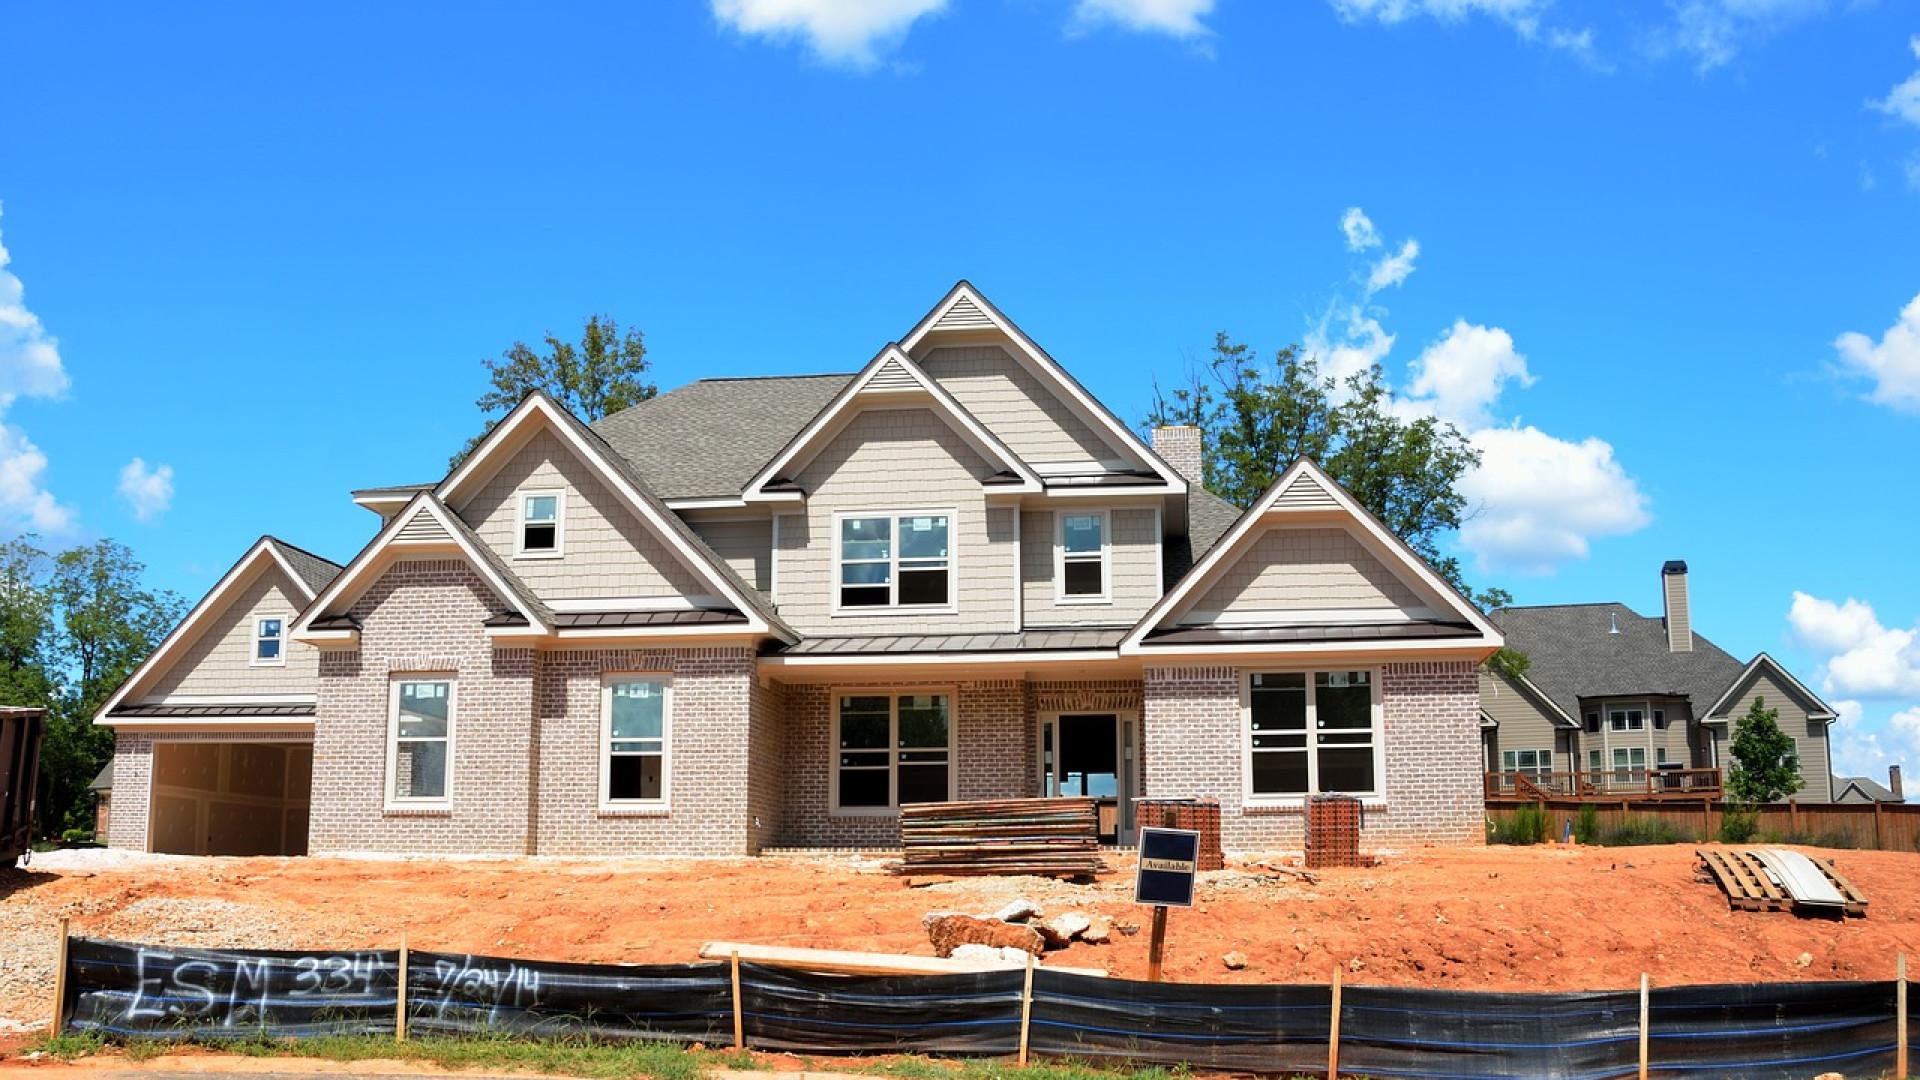 Immobilier et sécurité résidentielle : quel système d'alarme choisir ?